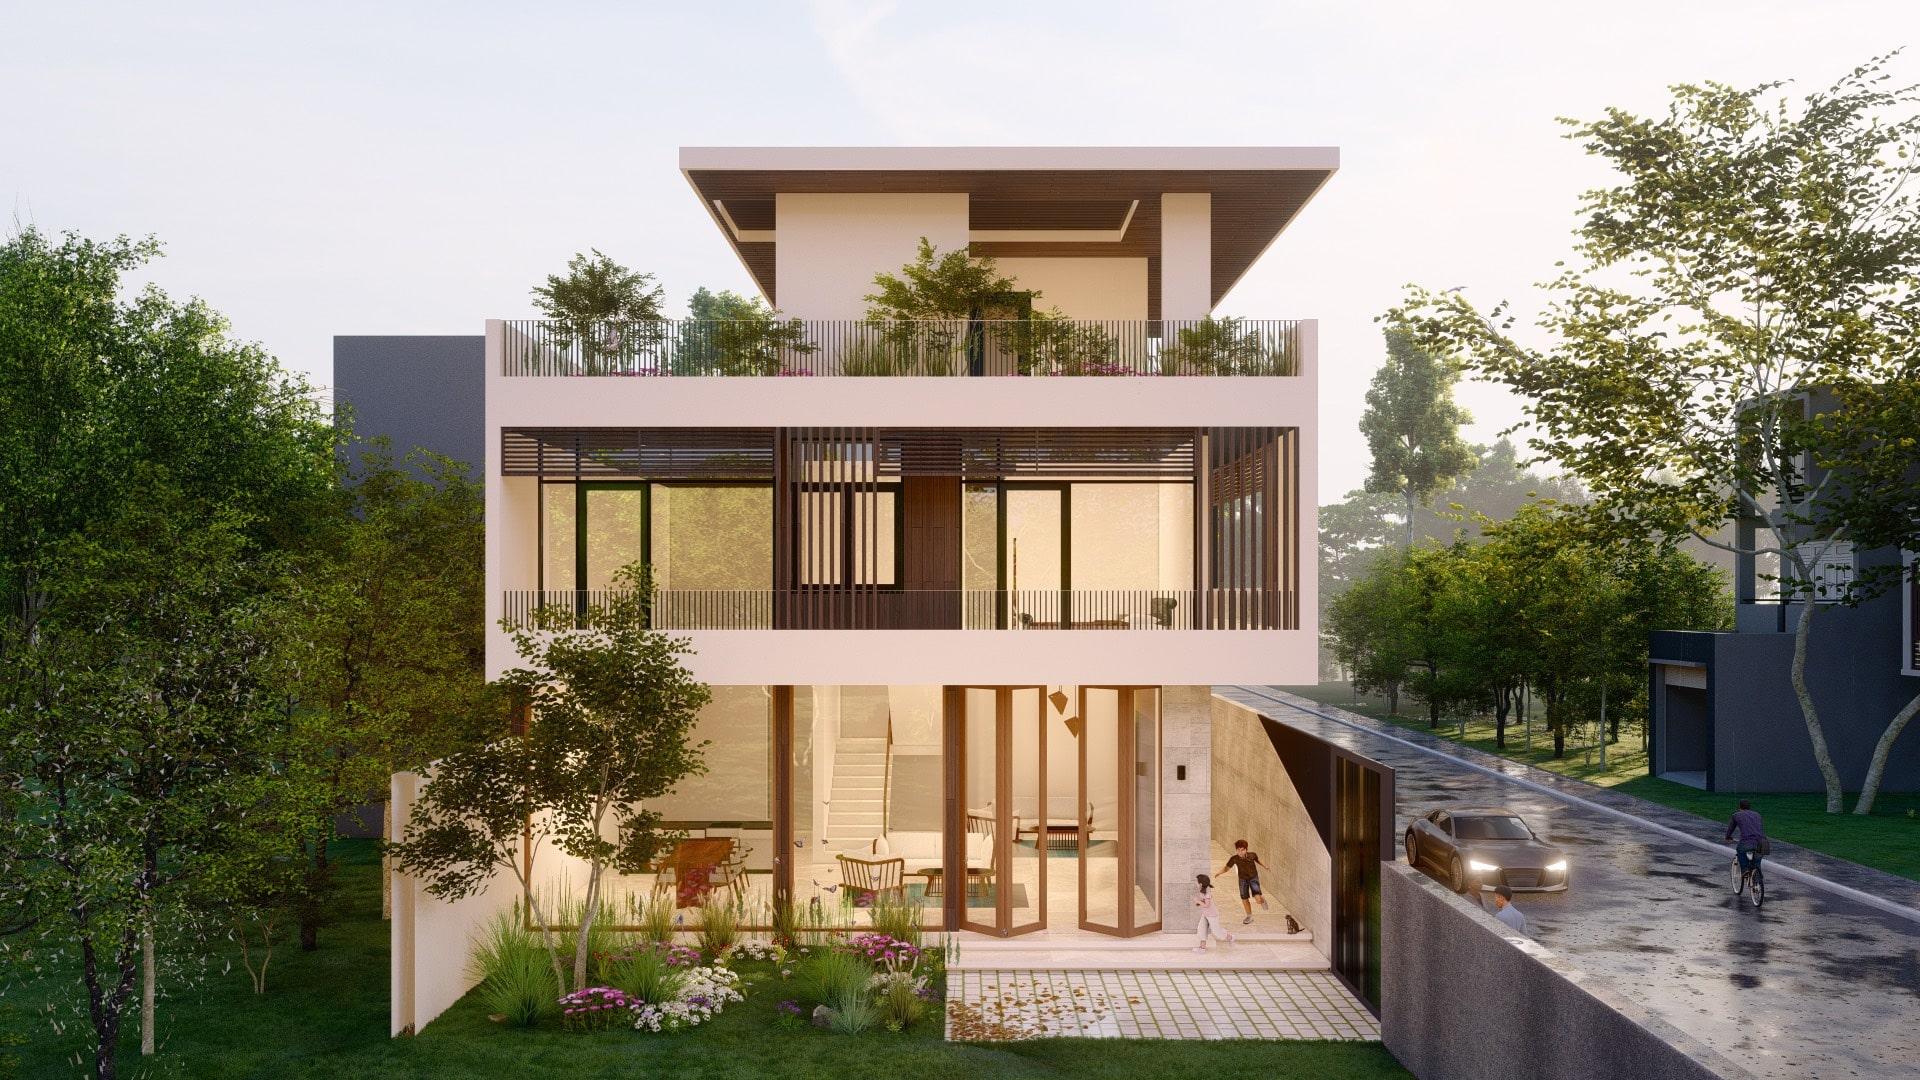 thiết kế nhà ở 2-min